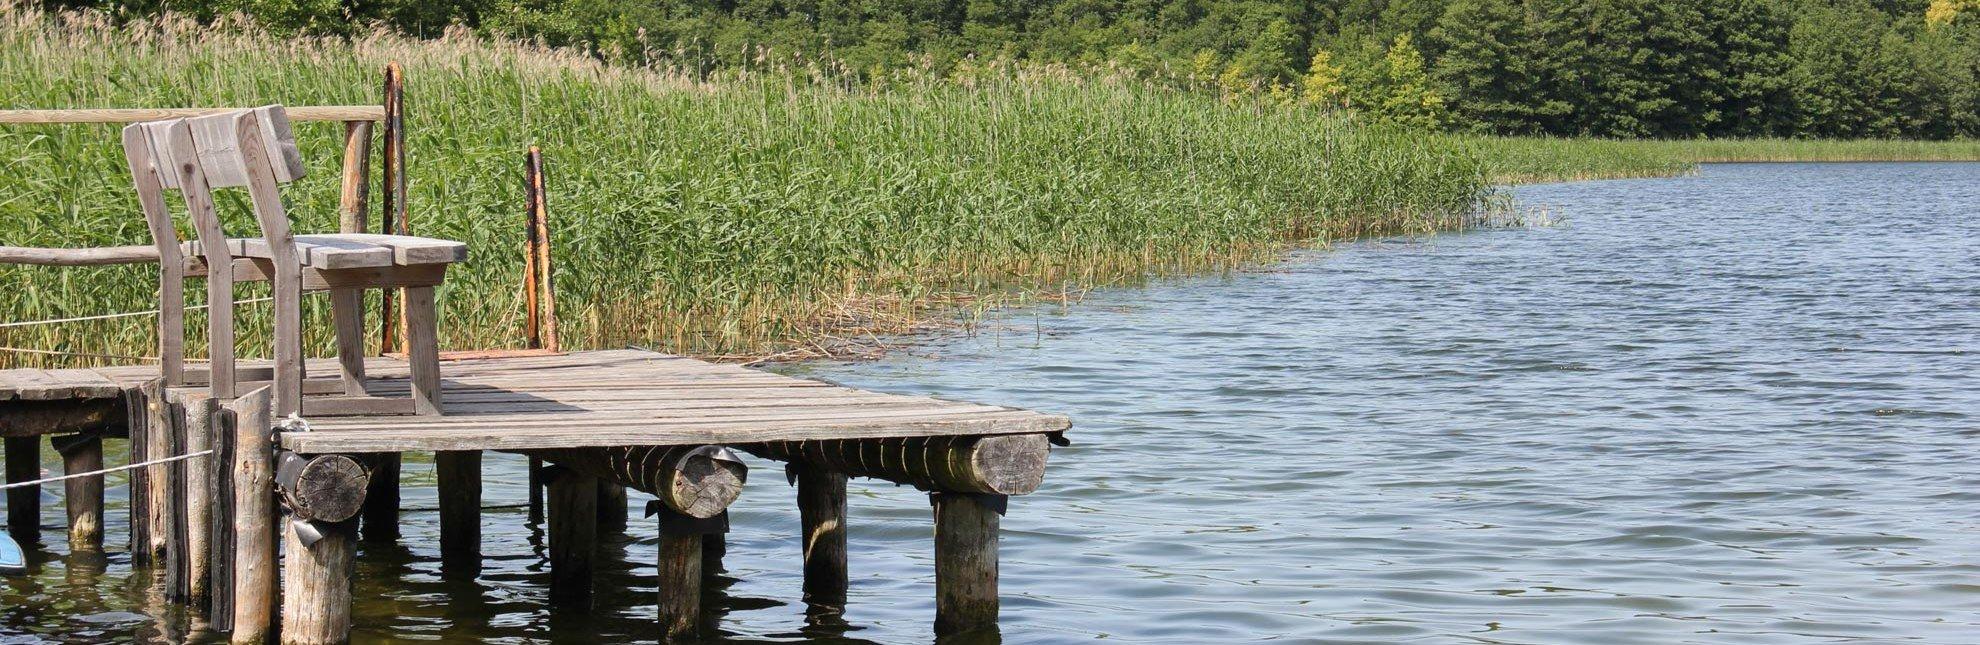 Einladend: Eine Bank am Ufer des Schaalsees in Groß Zecher., © Carina Jahnke / HLMS GmbH